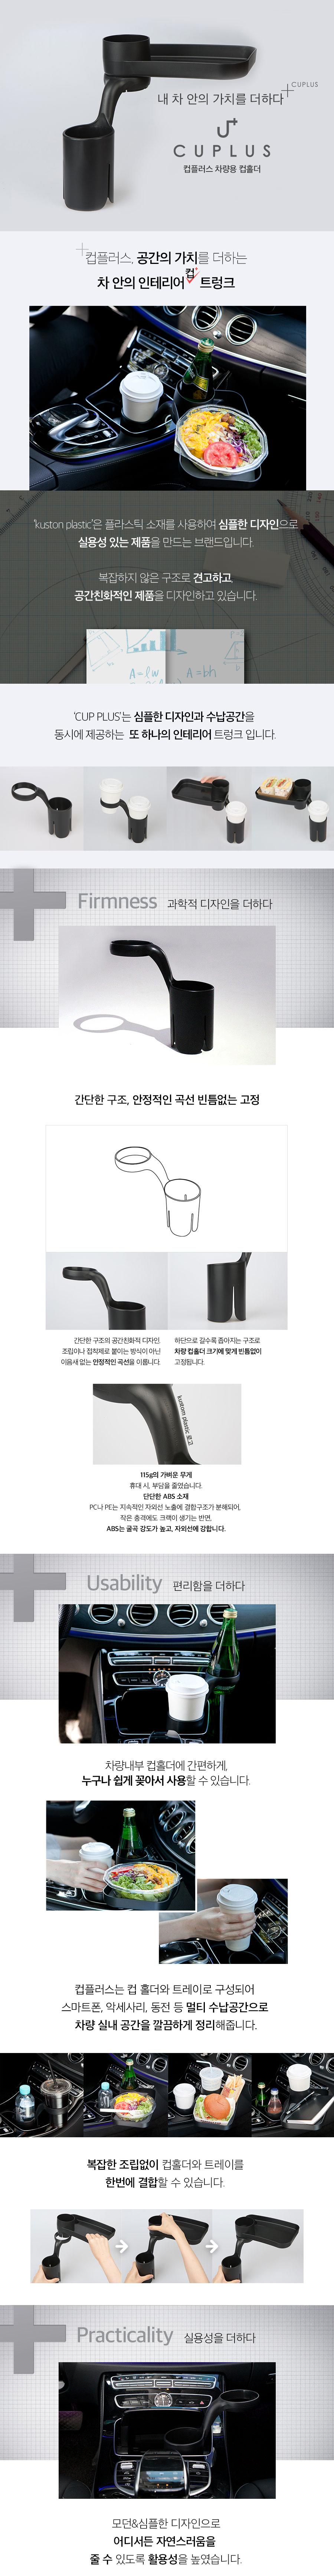 커스텀플라스틱  컵플러스 CUPLUS 차량용 컵홀더 - 커스텀 플라스틱, 17,900원, 차량용포켓/수납용품, 컵홀더